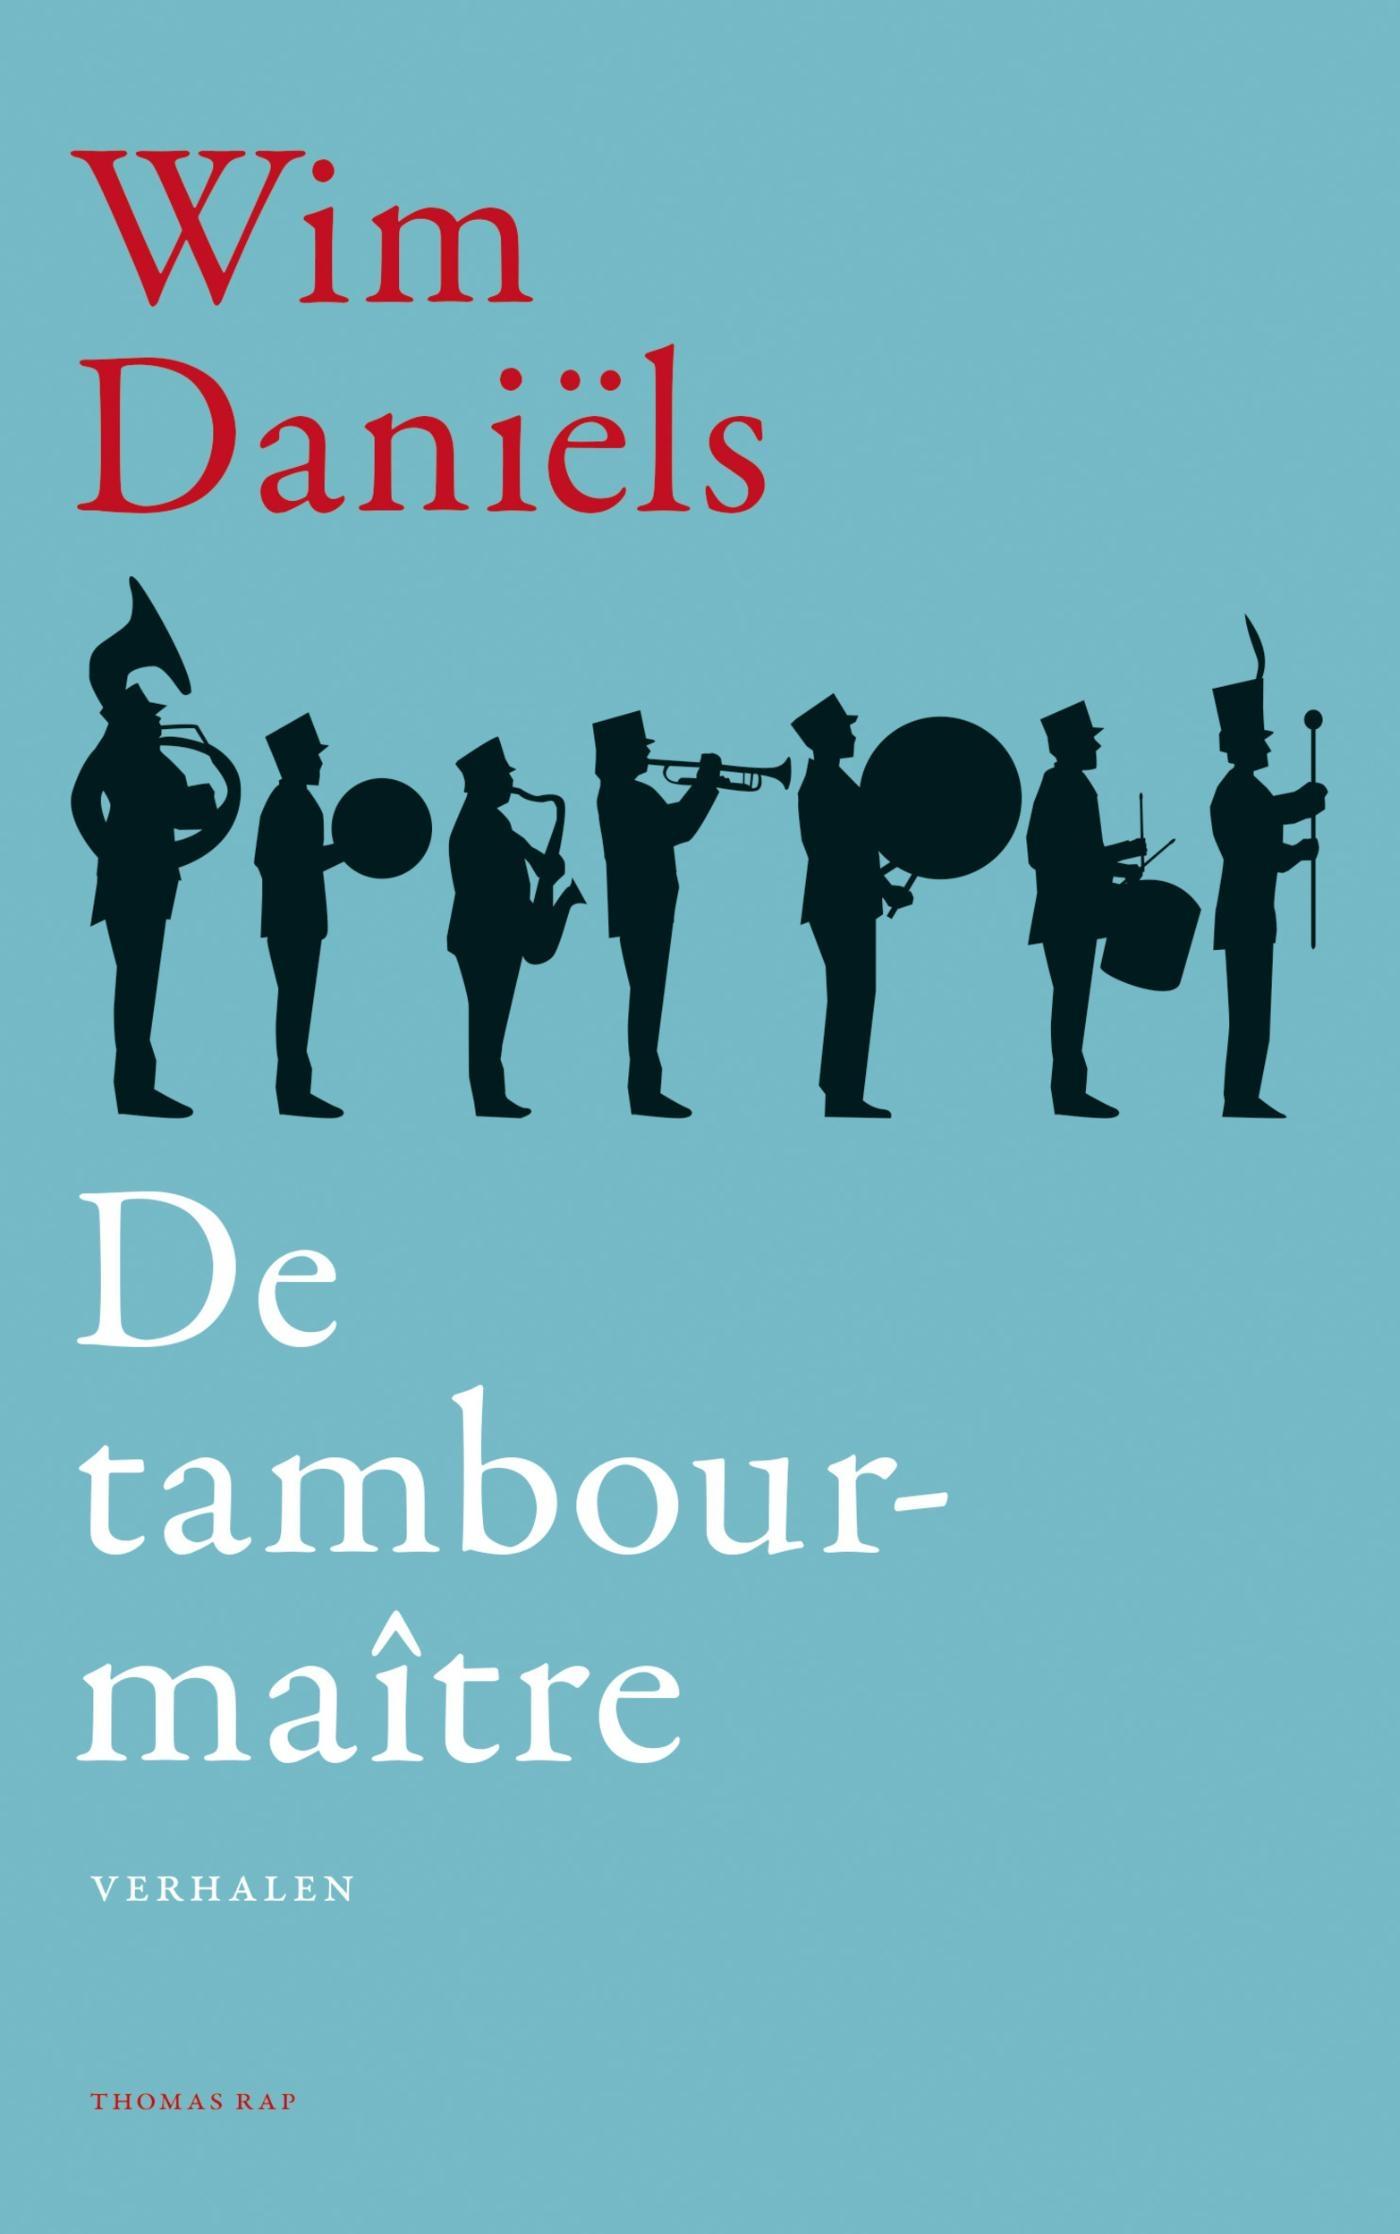 De tambour-maître – Wim Daniëls